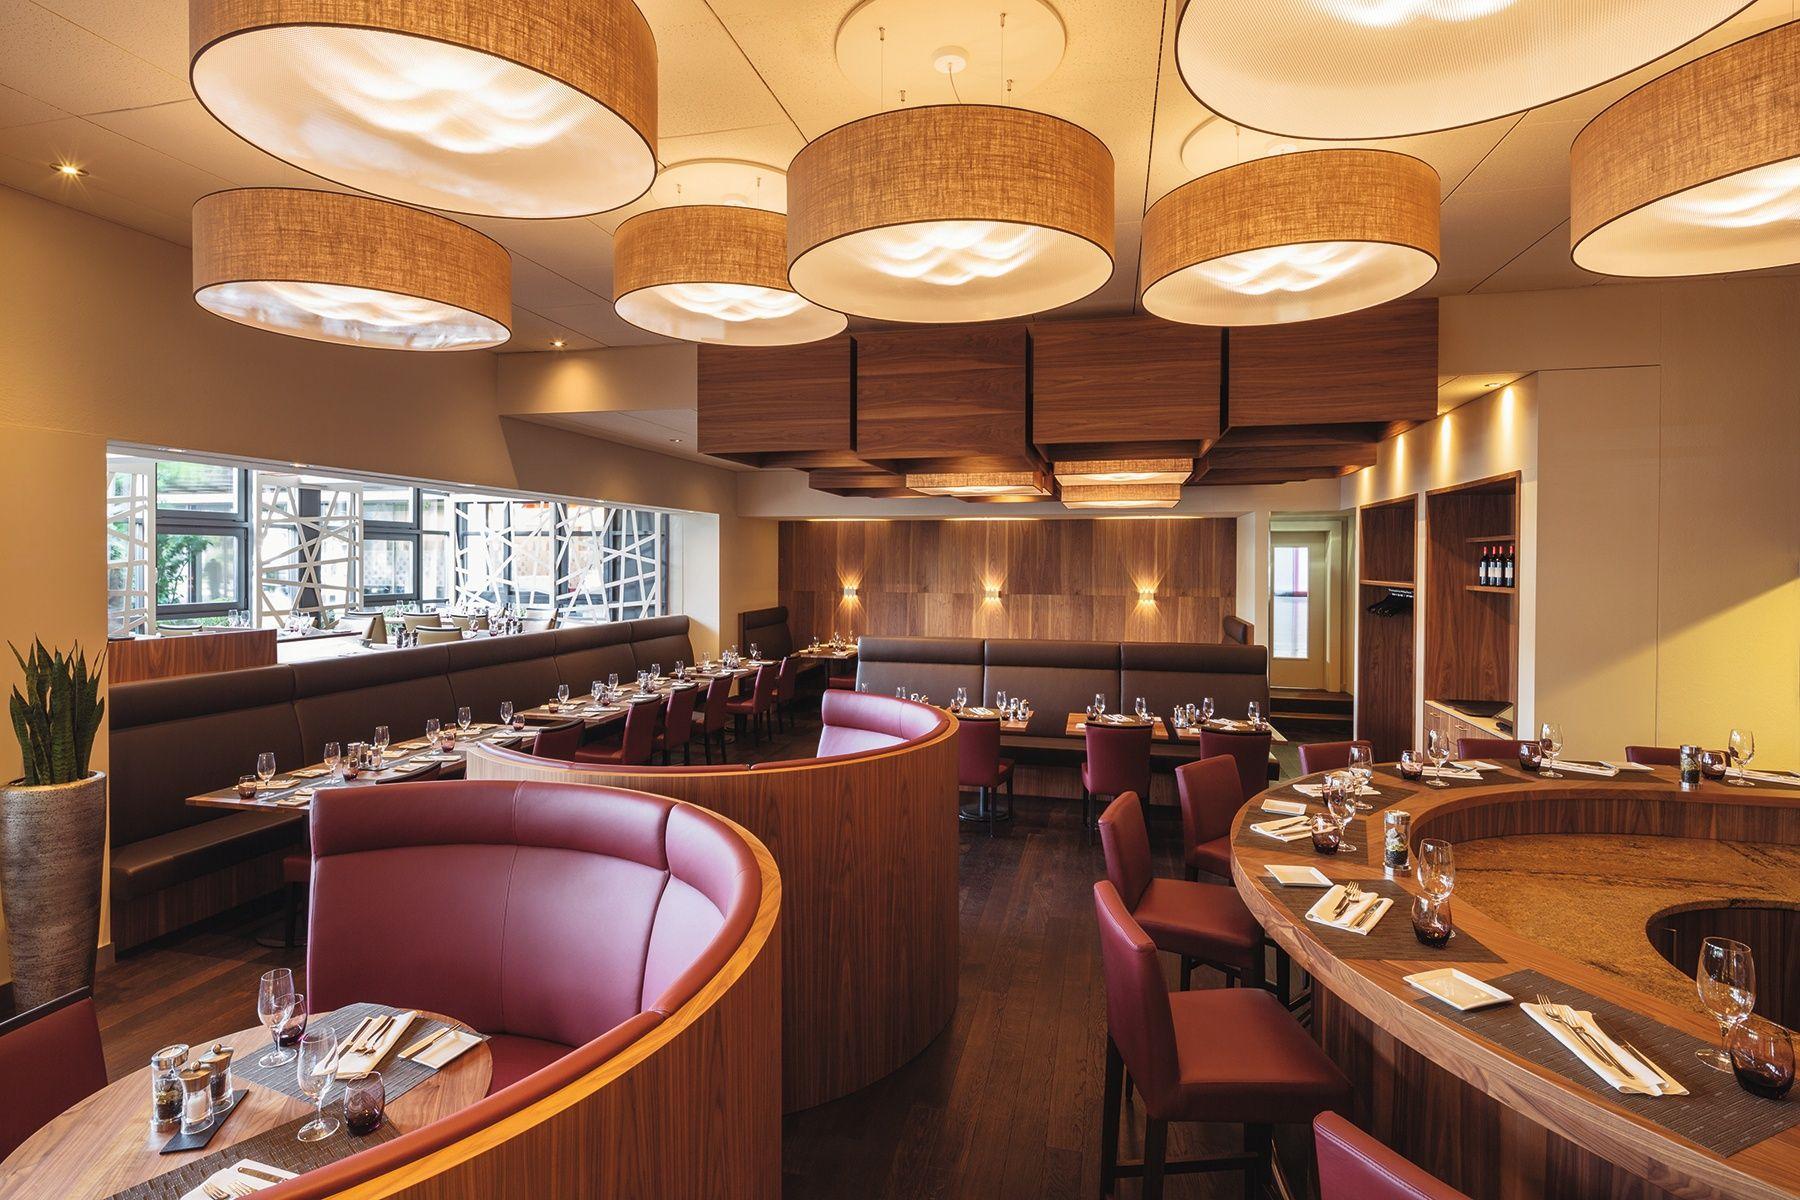 fertigstellung empfangspult eingang restaurant movenpick hotel regensdorf restaurant restaurant room und furniture